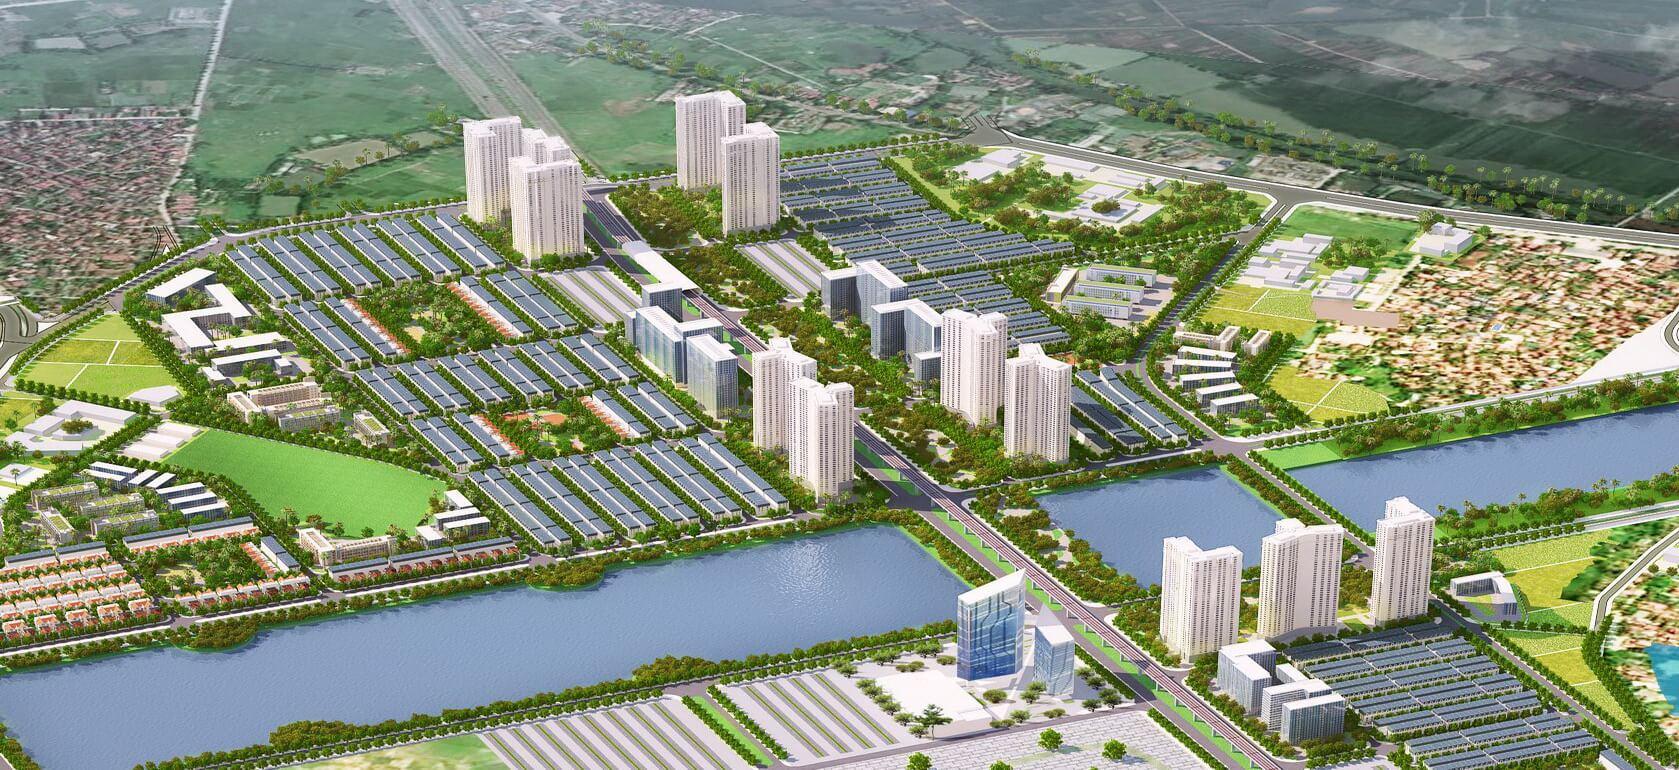 Phân khu cao tầng, thấp tầng, mặt nước bên trong tổng thể của dự án.